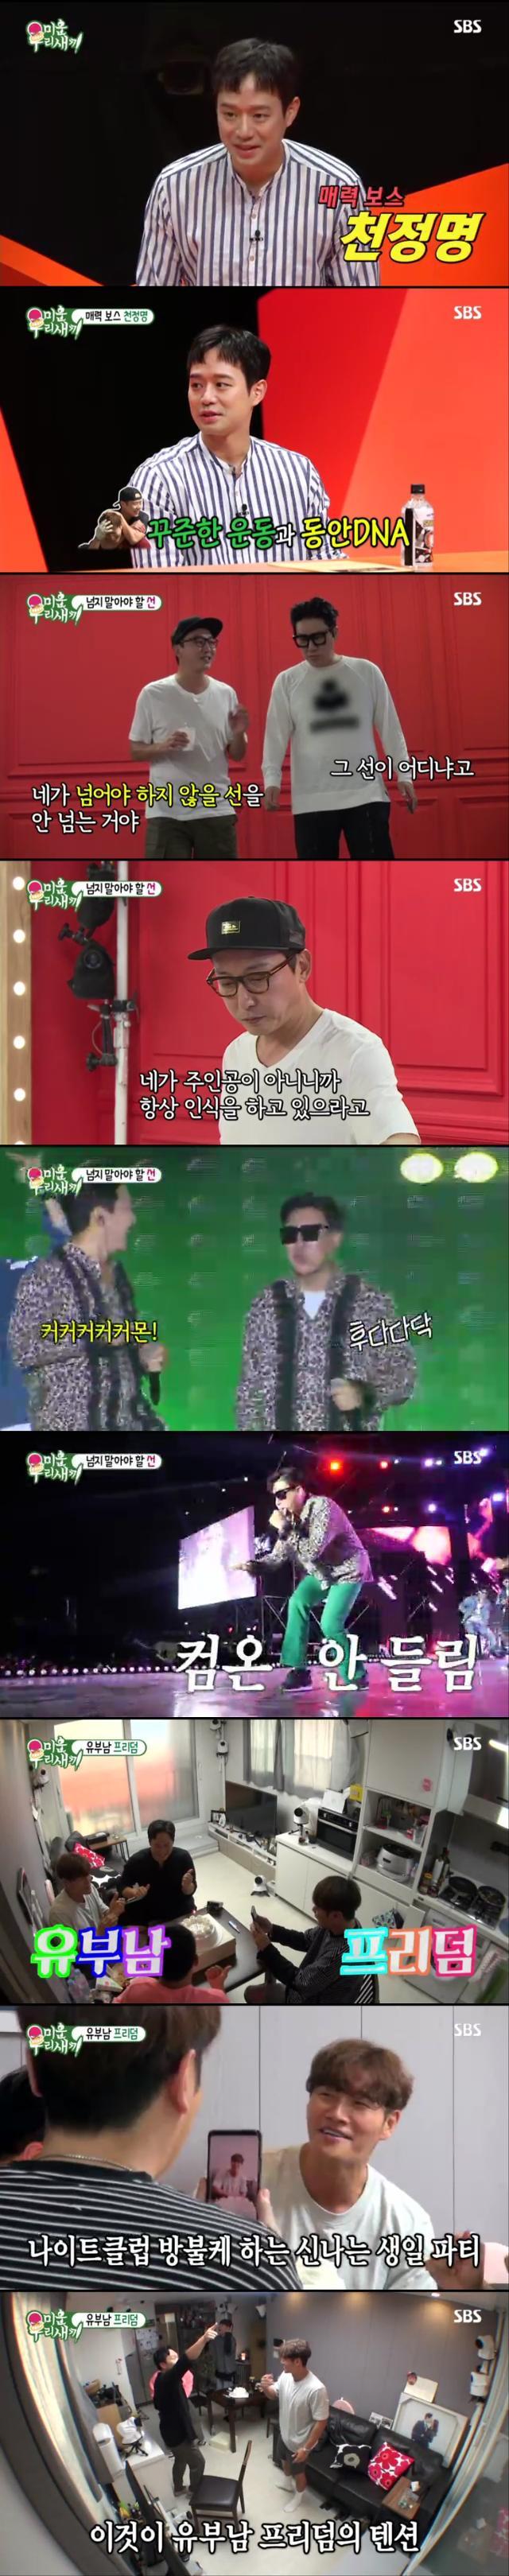 [간밤의 TV] 미우새, '선 넘는 남자' 이상민 탁재훈과 무대에서 티격태격 케미